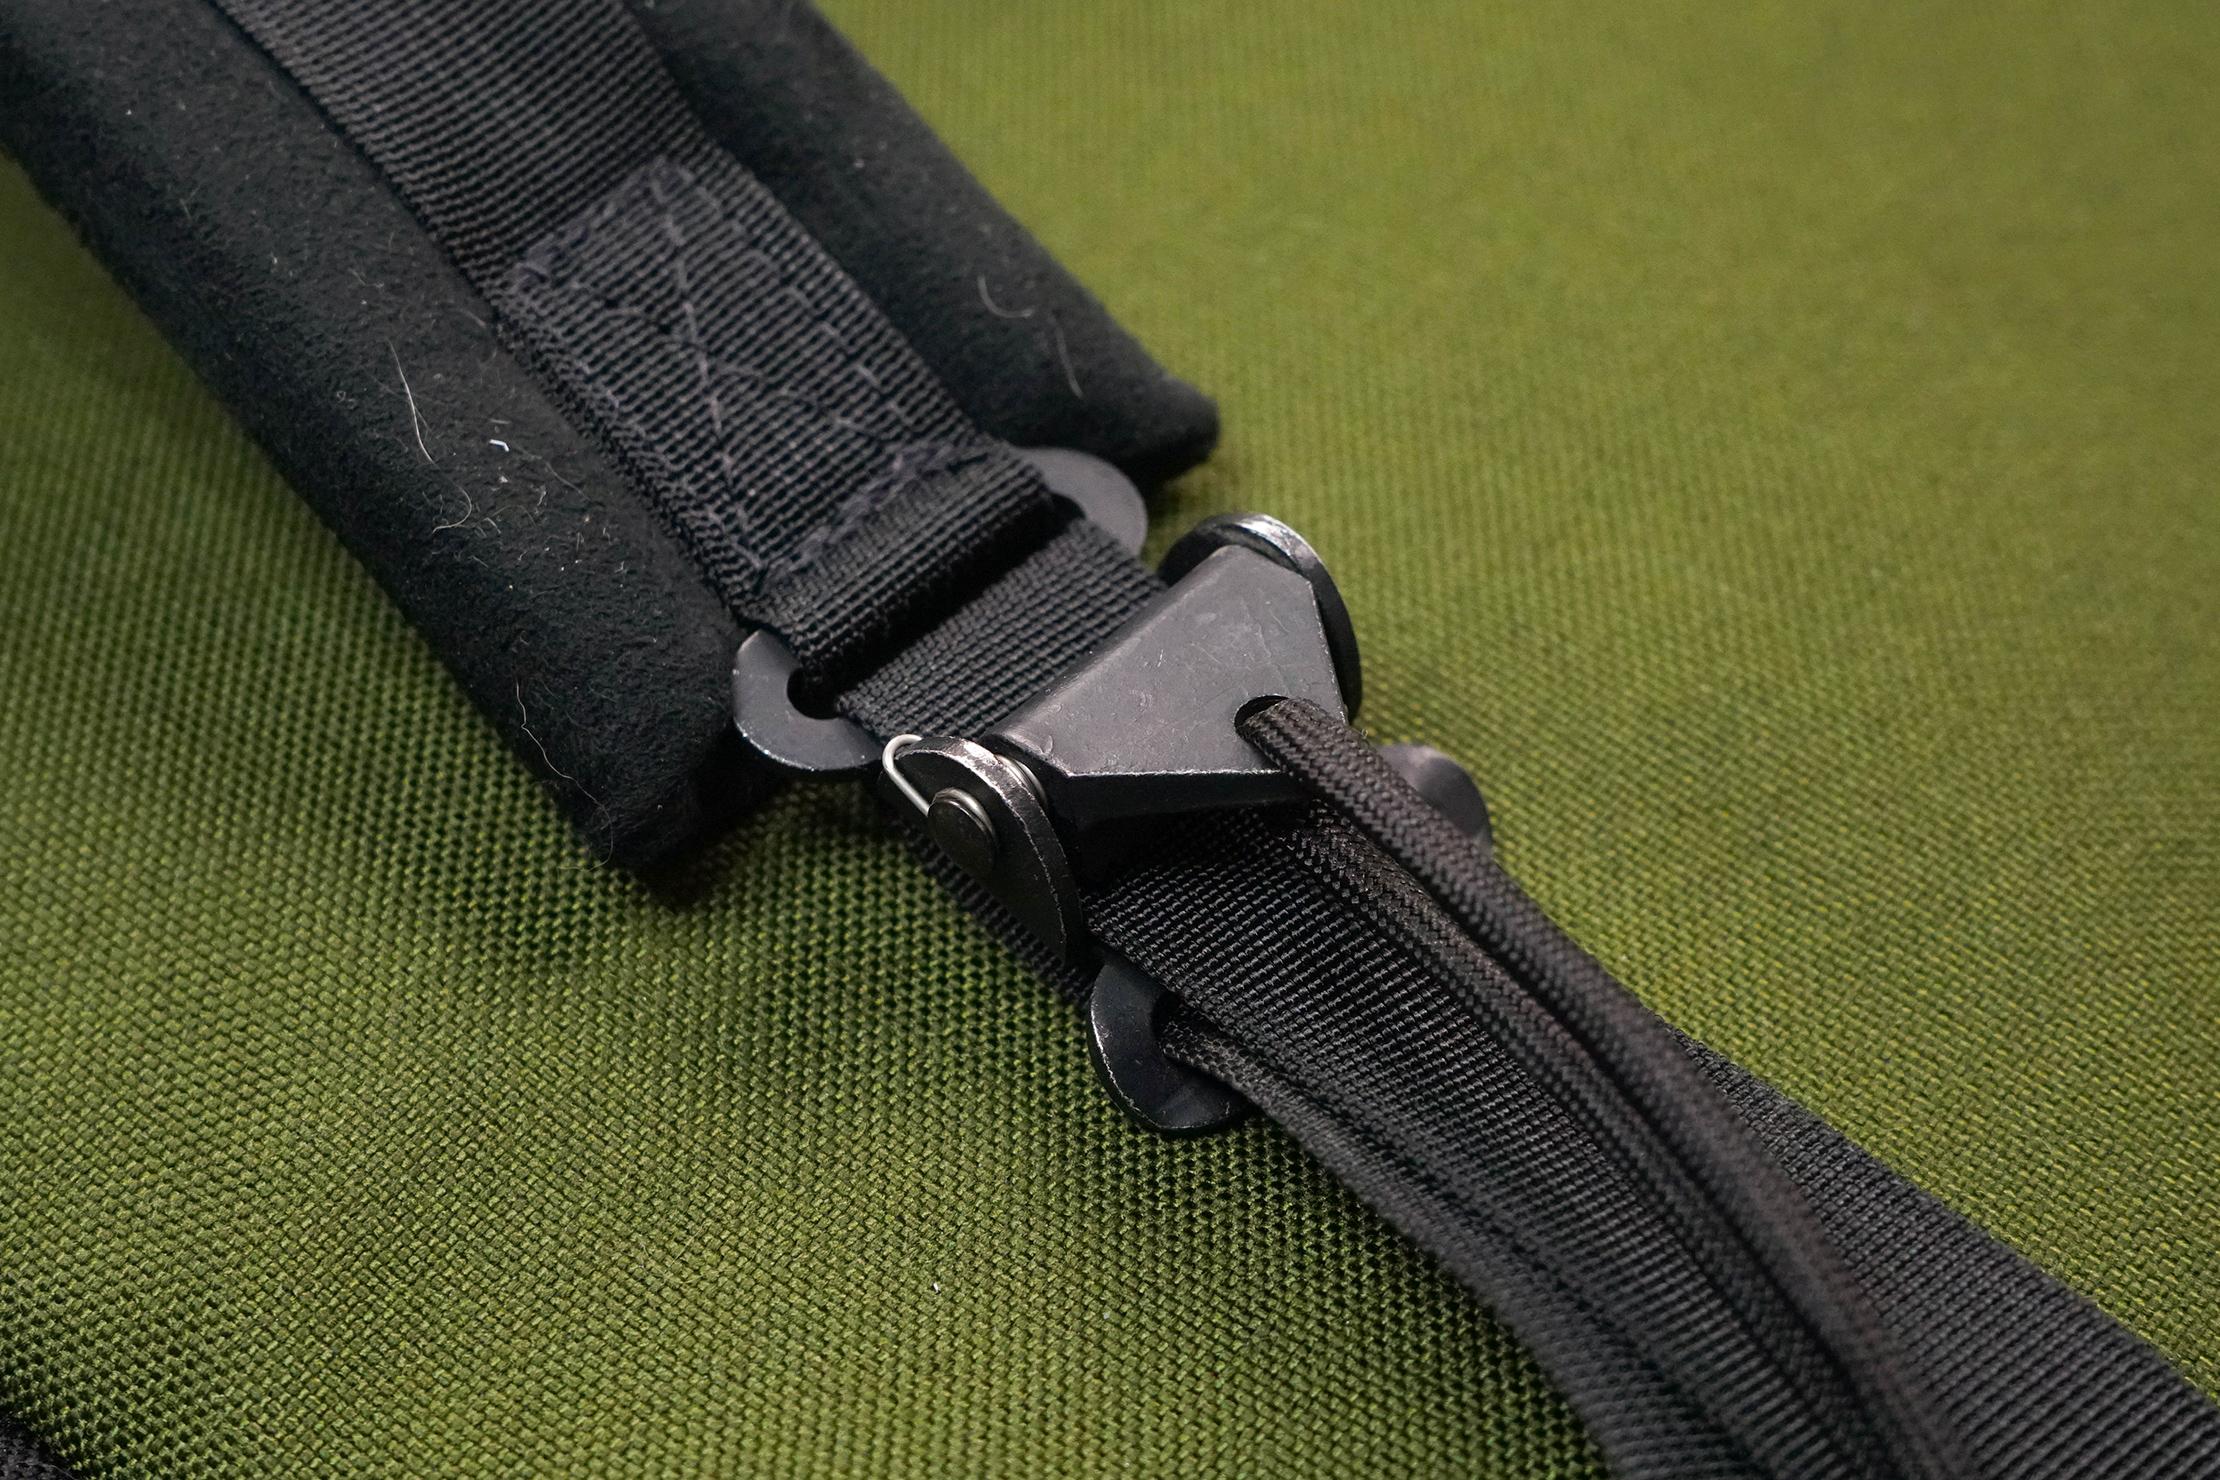 Red Oxx C-Ruck Carry-On Rucksack Shoulder Strap Adjuster